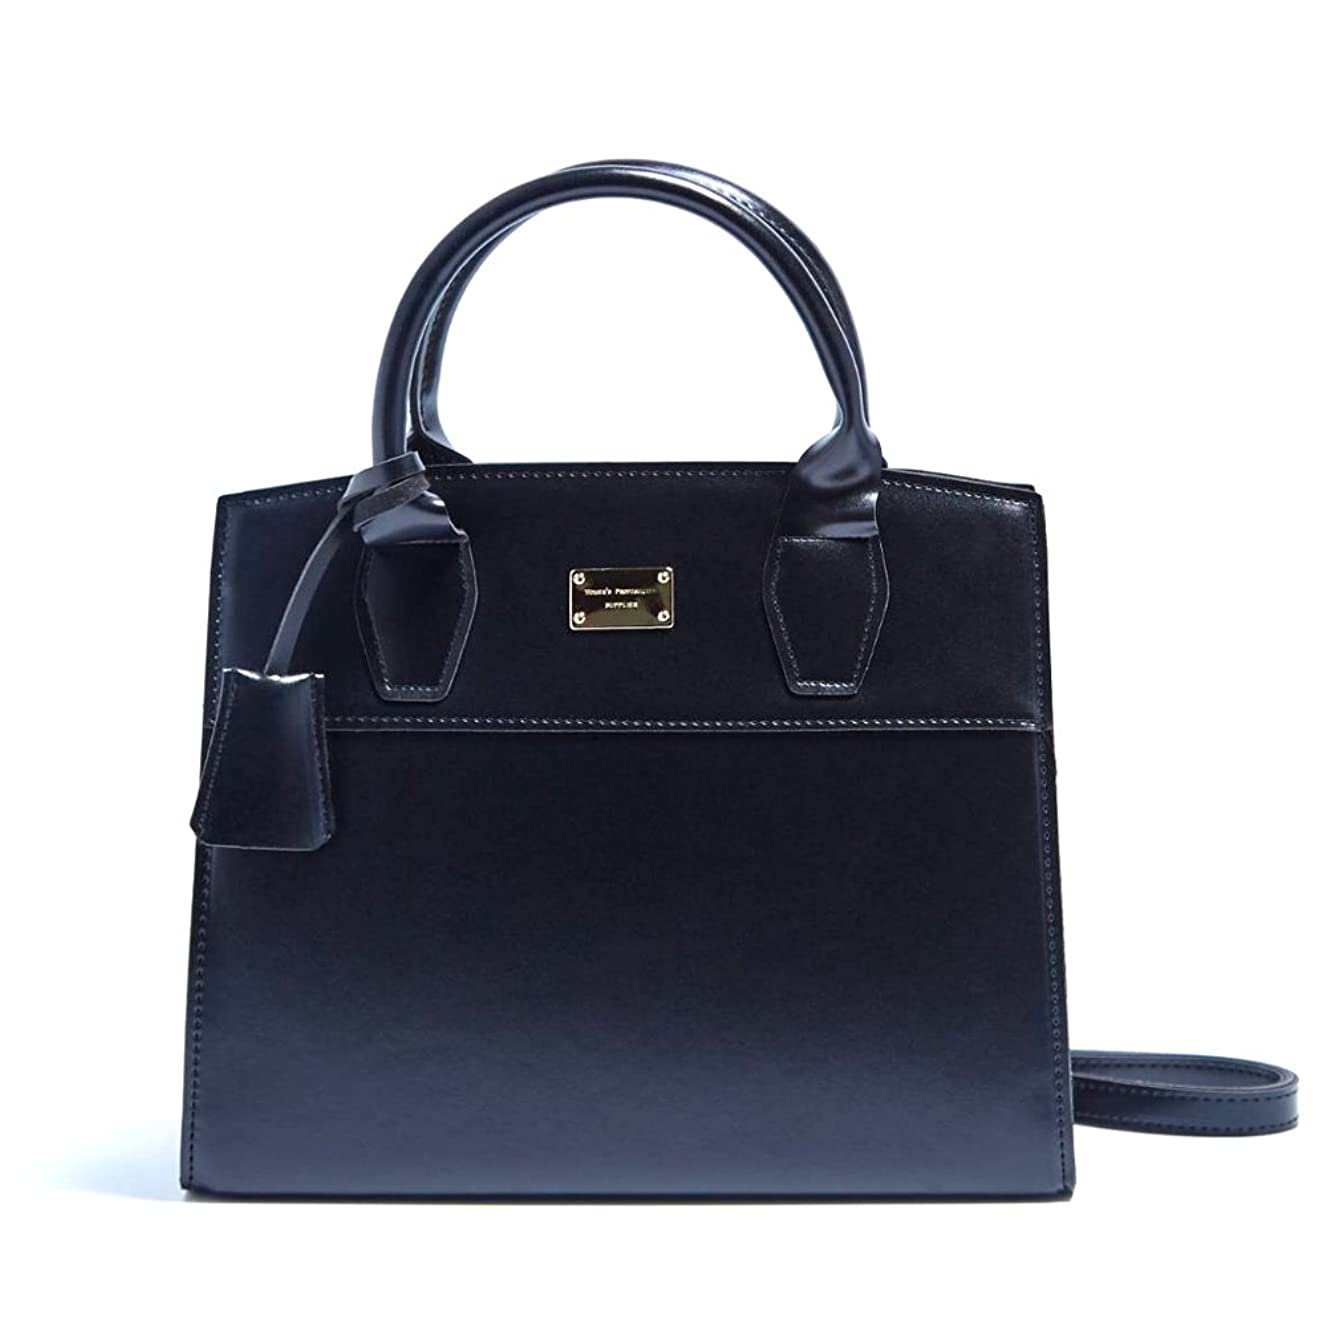 ハンサム近傍ベギン2Wayキレイ色の上品なミニハンドバッグ/ブラック